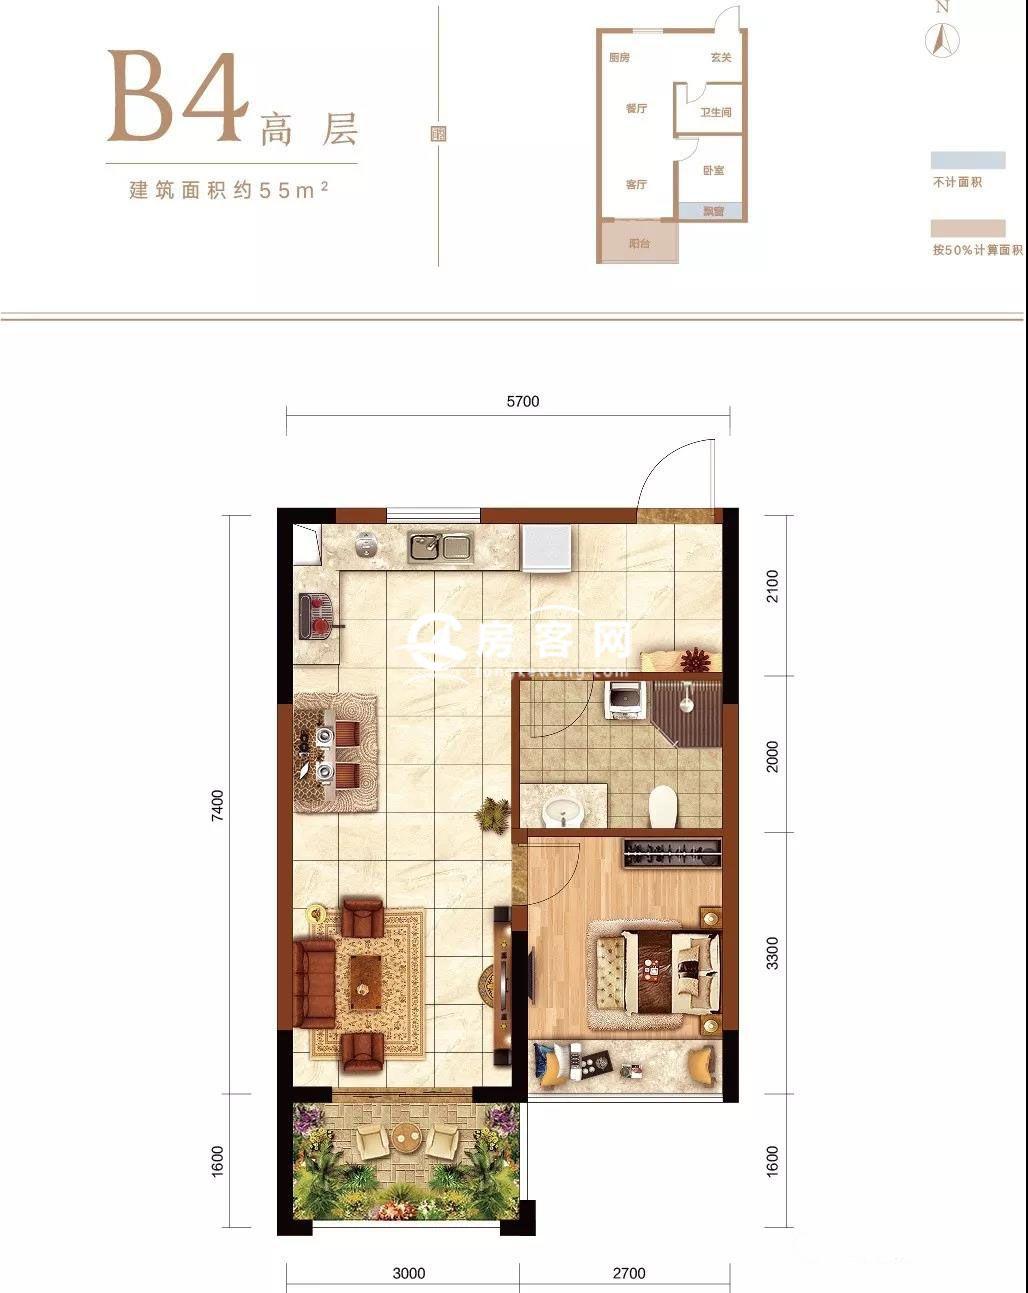 B4高层 1房2厅1厨1卫1阳台  建面约55㎡